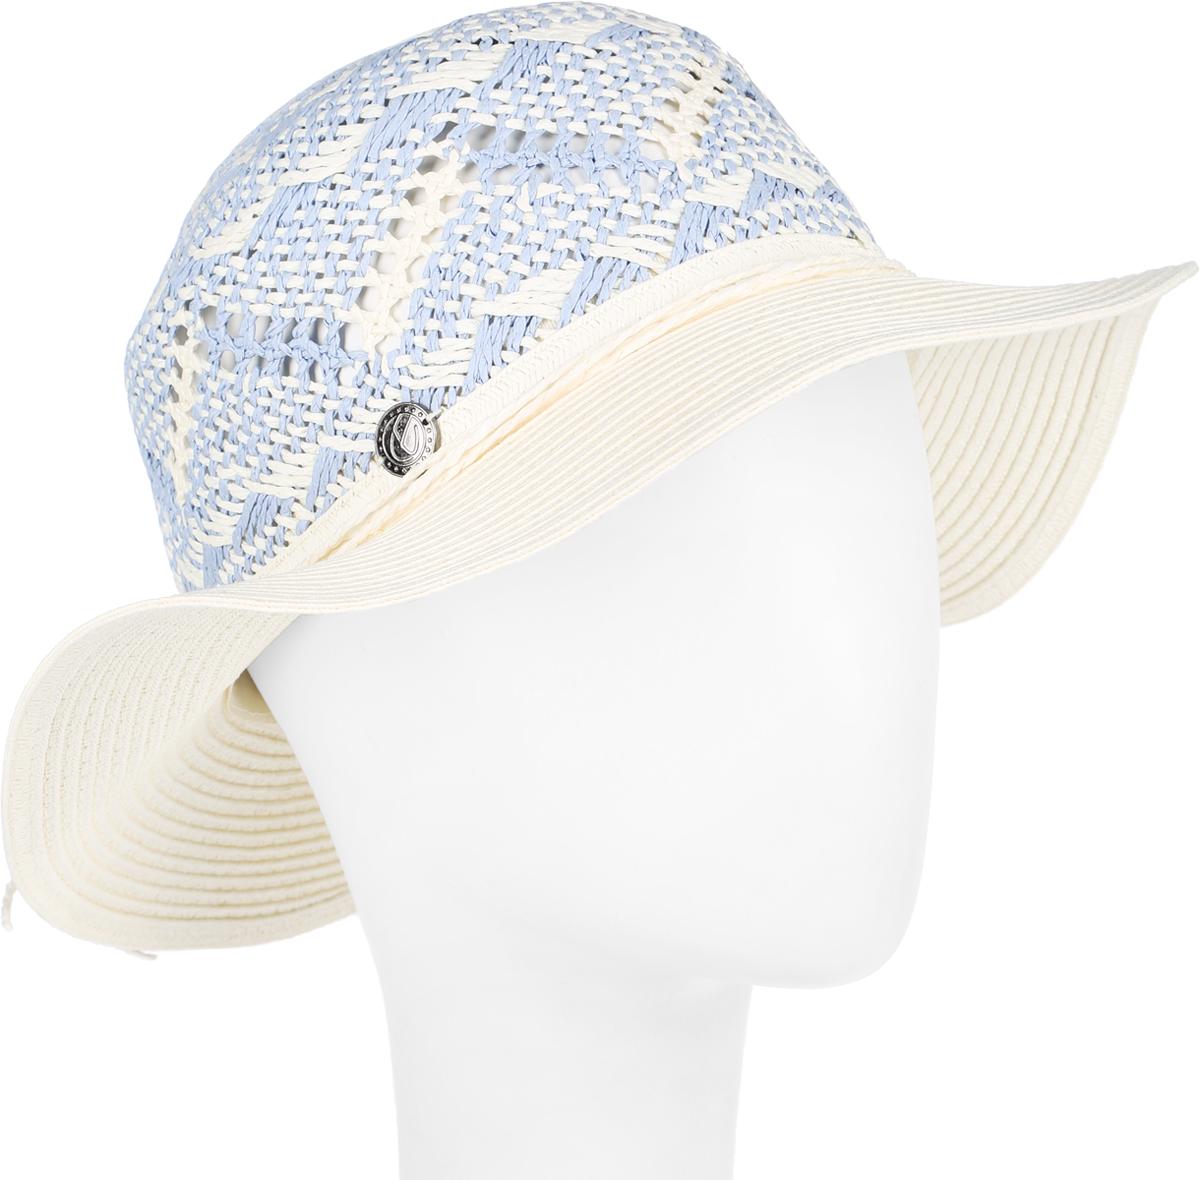 Шляпа женская R.Mountain Clara, цвет: светло-бежевый, голубой. 77-098-32. Размер M (57)77-098-32Летняя женская шляпа R.Mountain Clara станет незаменимым аксессуаром для пляжа и отдыха на природе. Такая шляпка не только защитит вас от солнца, но и станет стильным дополнением вашего образа.Шляпа оформлена небольшим металлическим логотипом фирмы и небольшим декоративным цветком. Плетение шляпы обеспечивает необходимую вентиляцию и комфорт даже в самый знойный день. Шляпа легко восстанавливает свою форму после сжатия.Эта элегантная легкая шляпка подчеркнет вашу неповторимость и дополнит ваш повседневный образ.